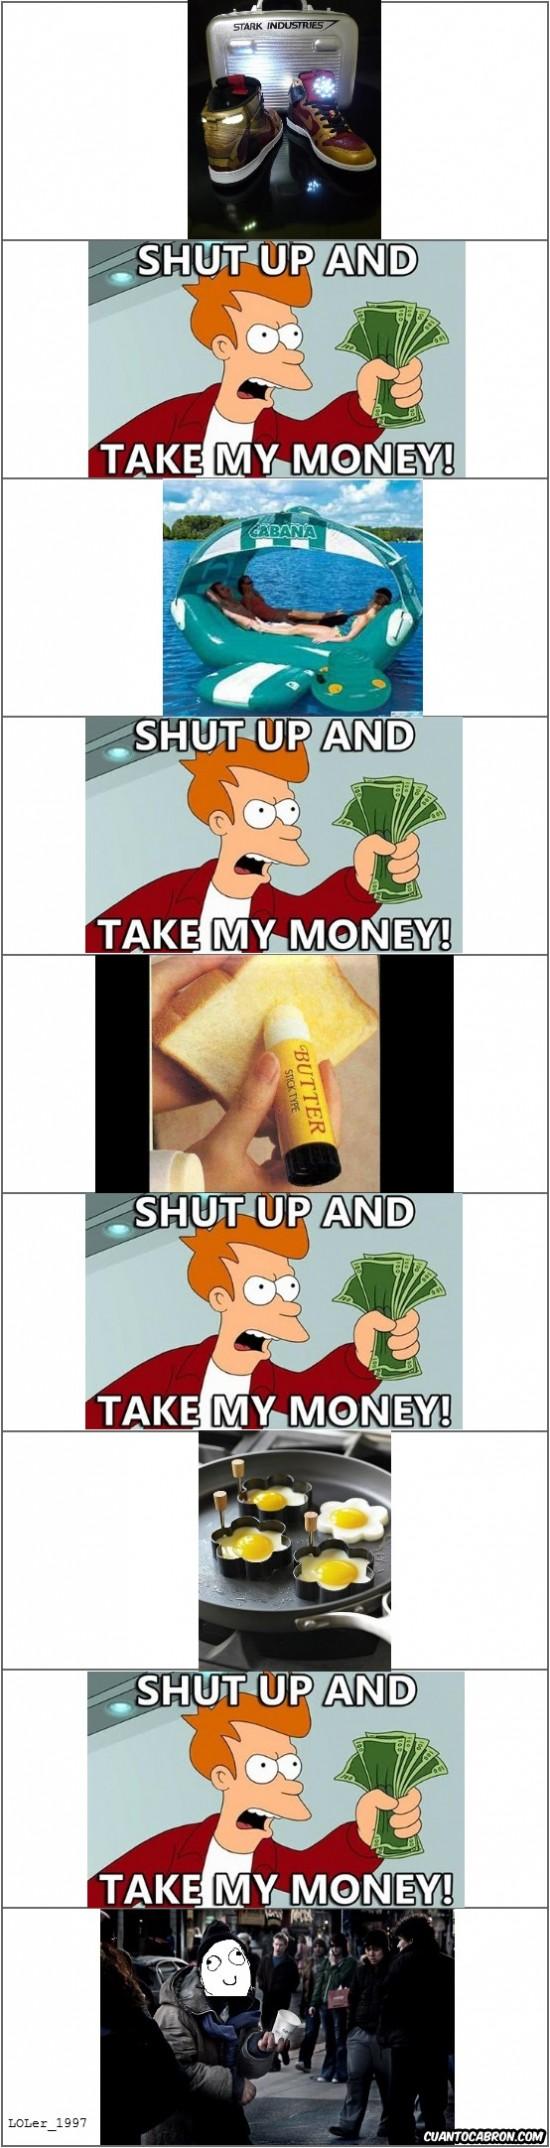 Fry - Tanto gastarte la pasta, esto se veía a venir